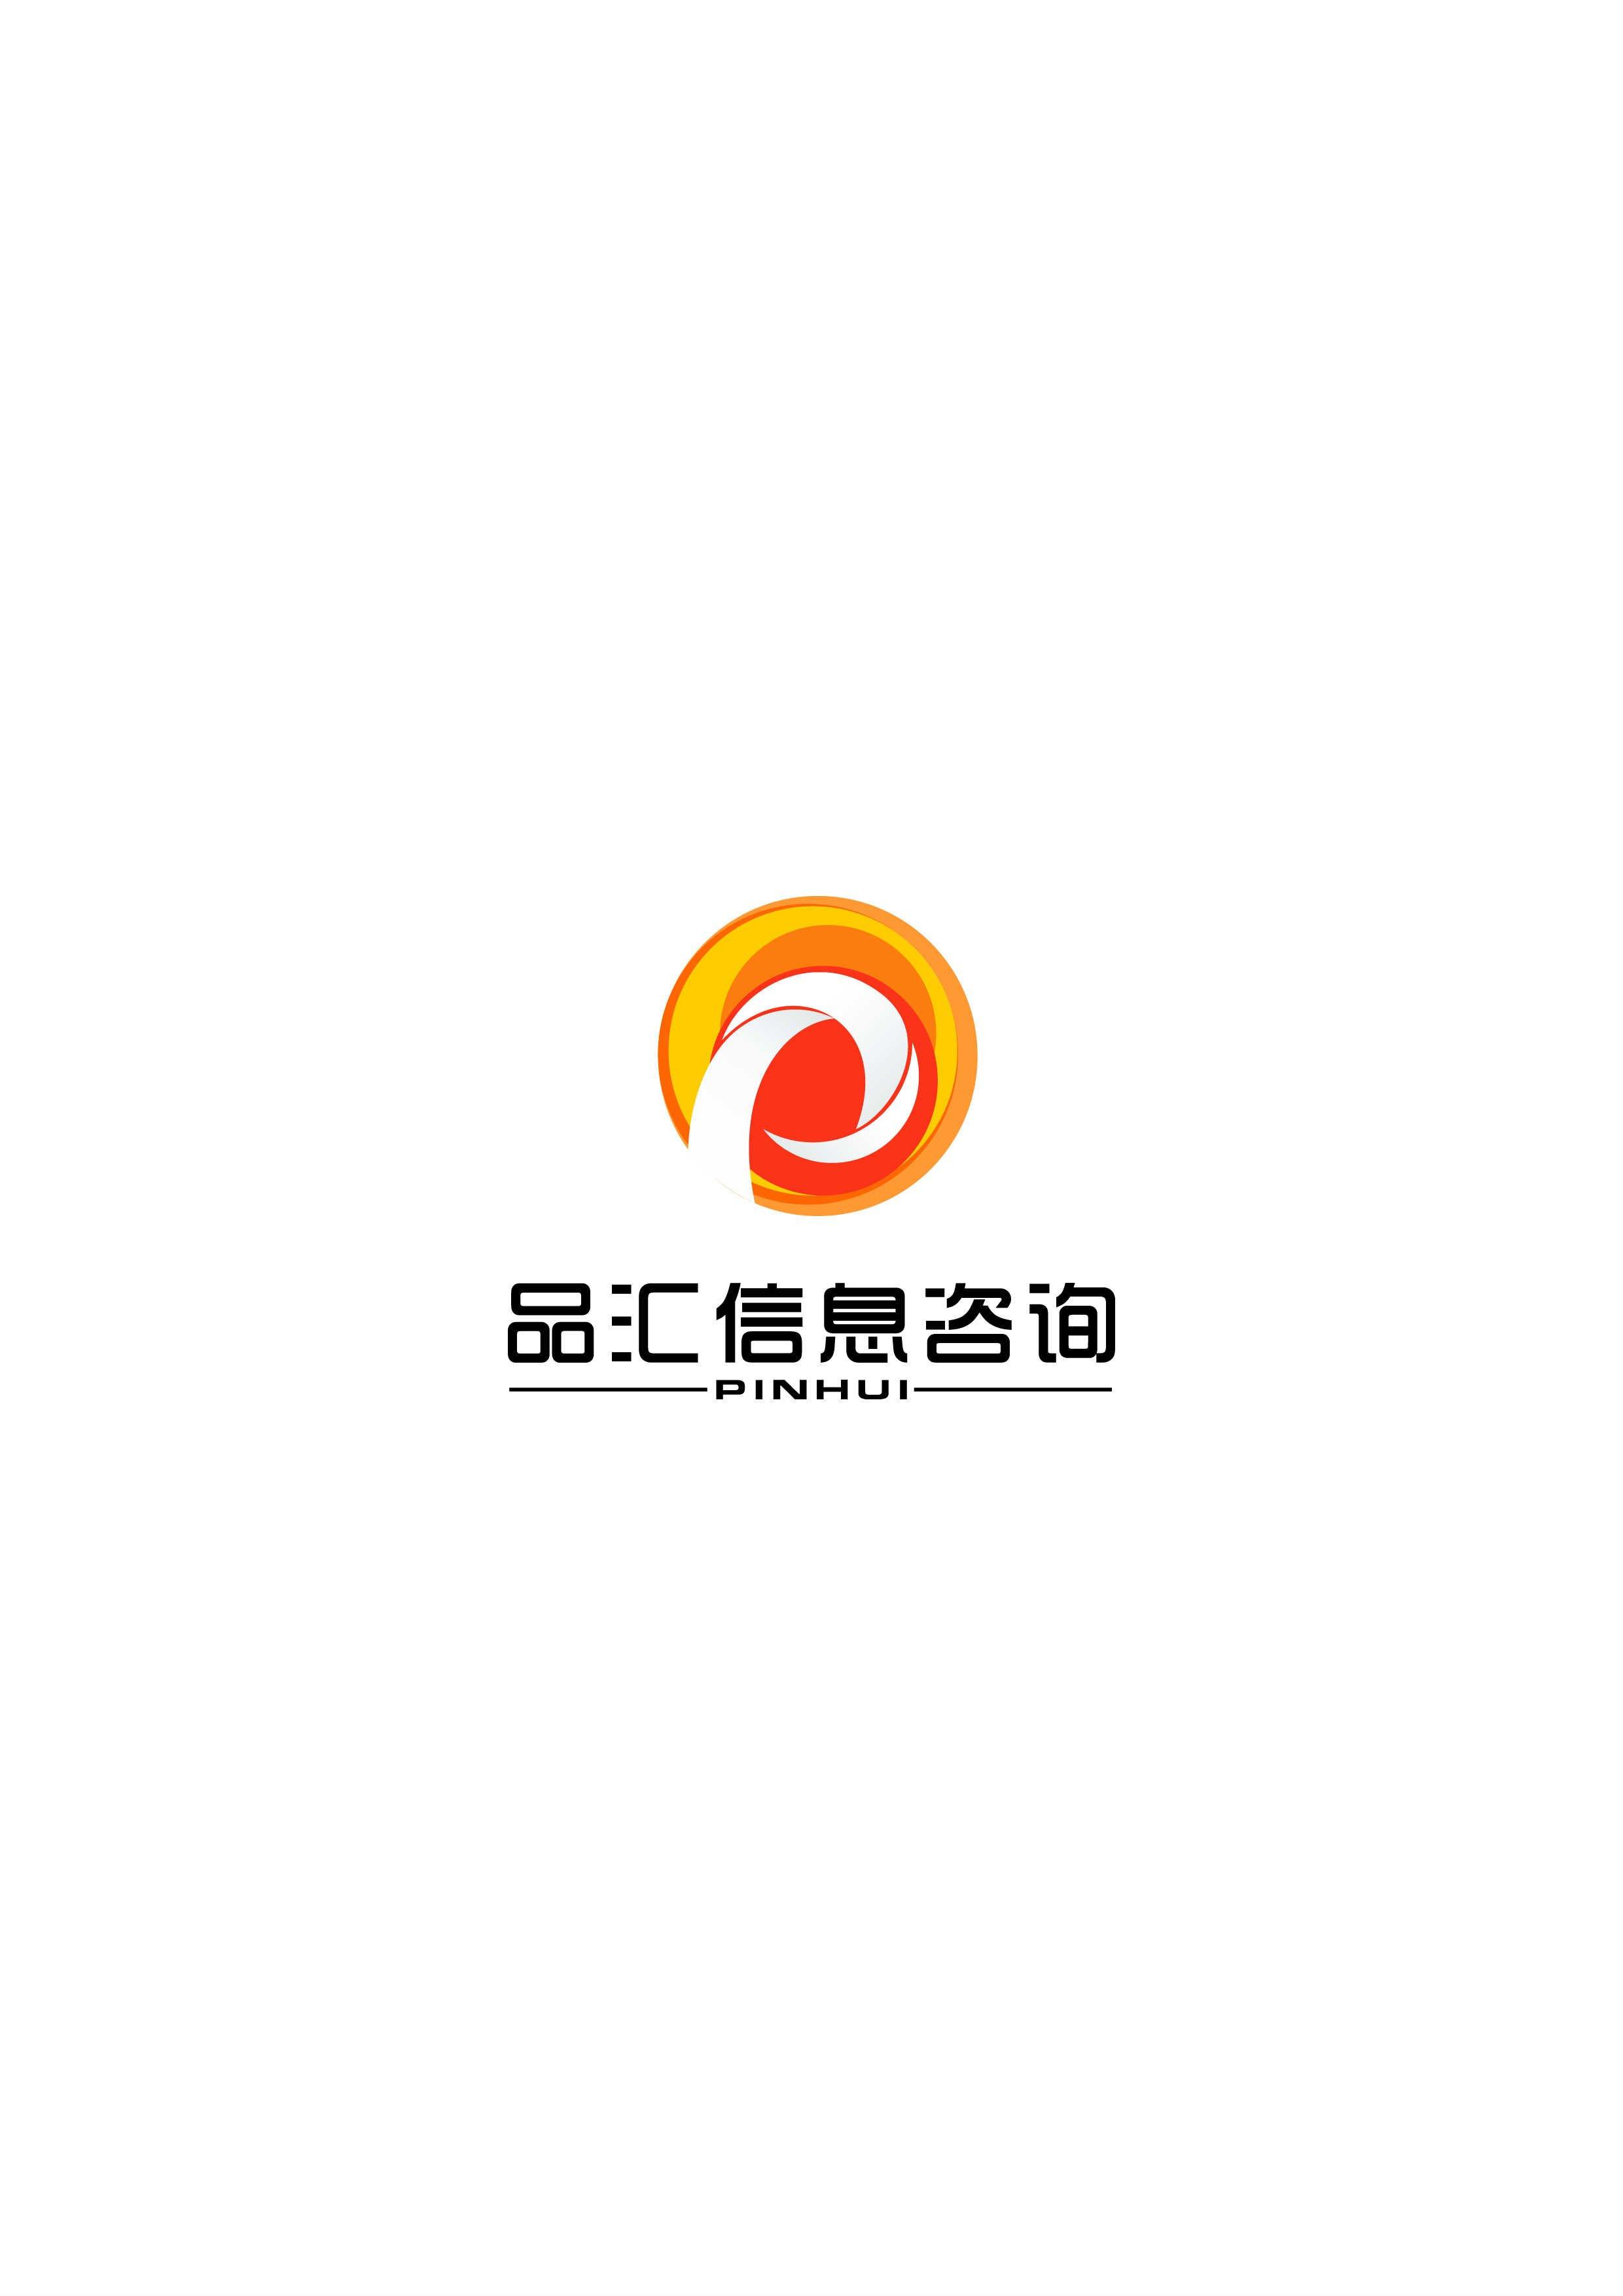 合肥品汇信息咨询有限公司logo